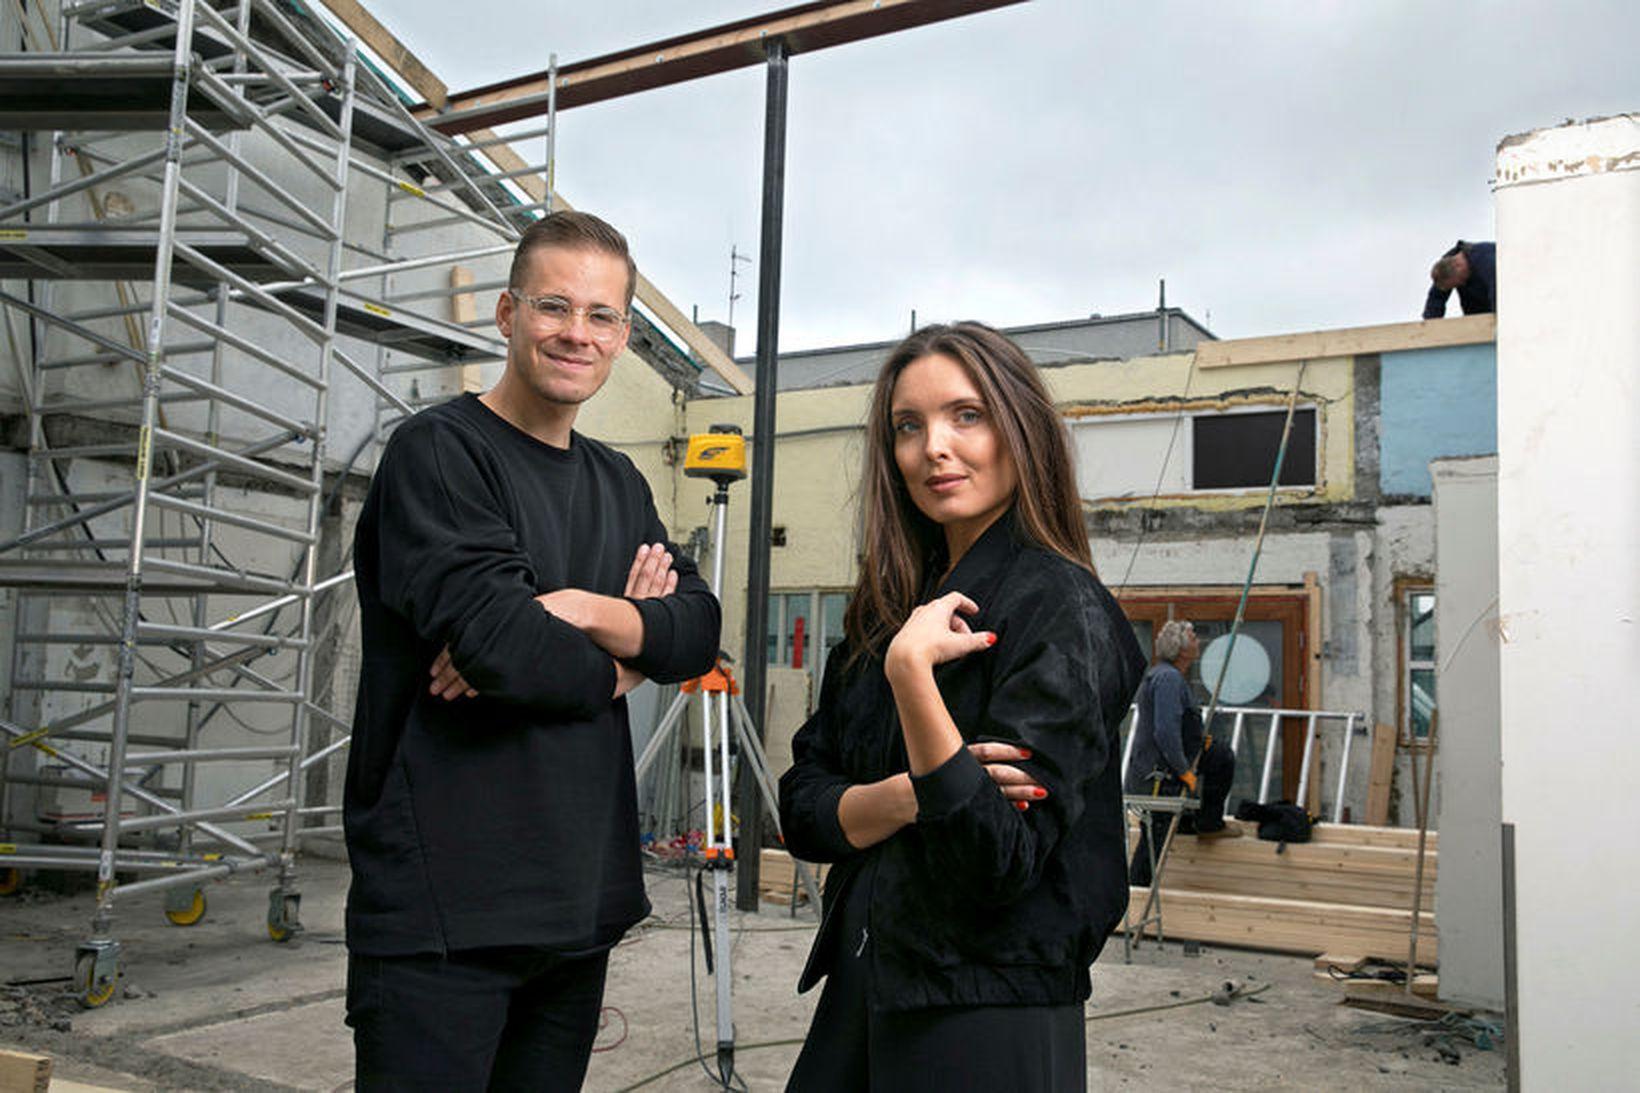 Hafsteinn Júlíusson og Karítas Sveinsdóttir reka HAF Studio.